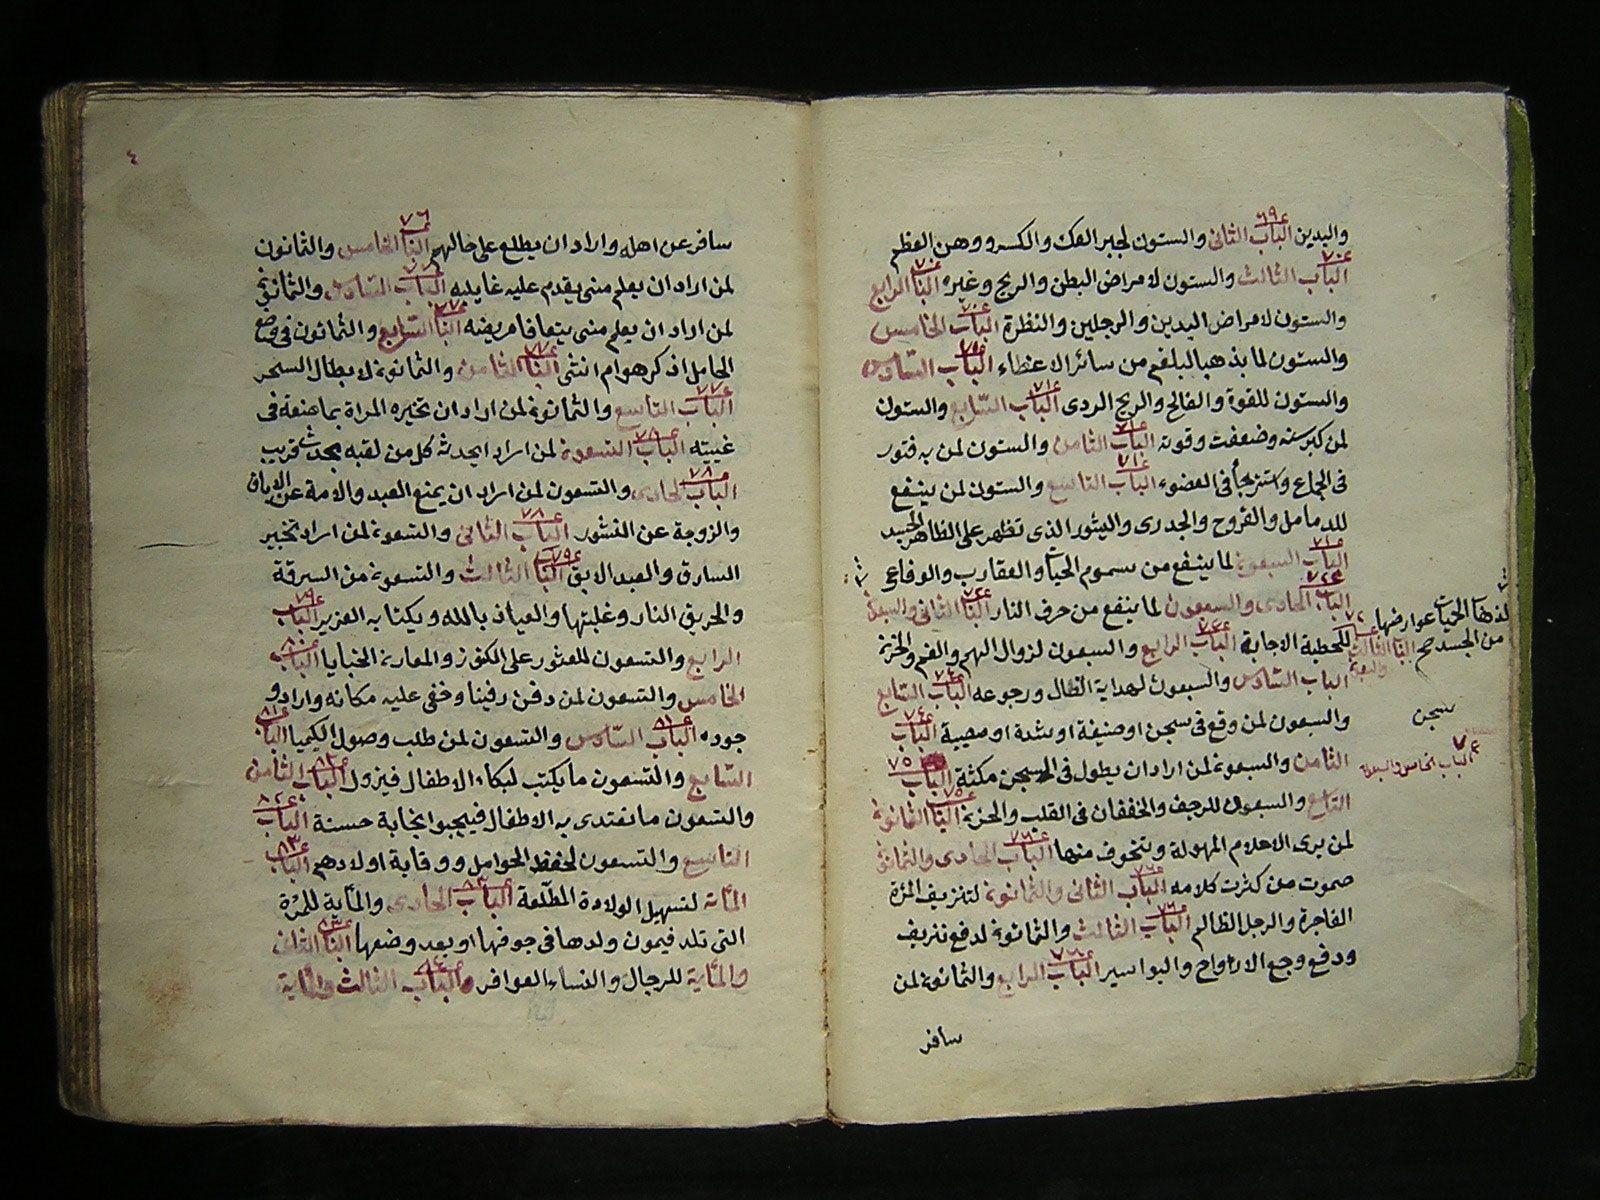 كتاب خواص القرآن للجيلاني